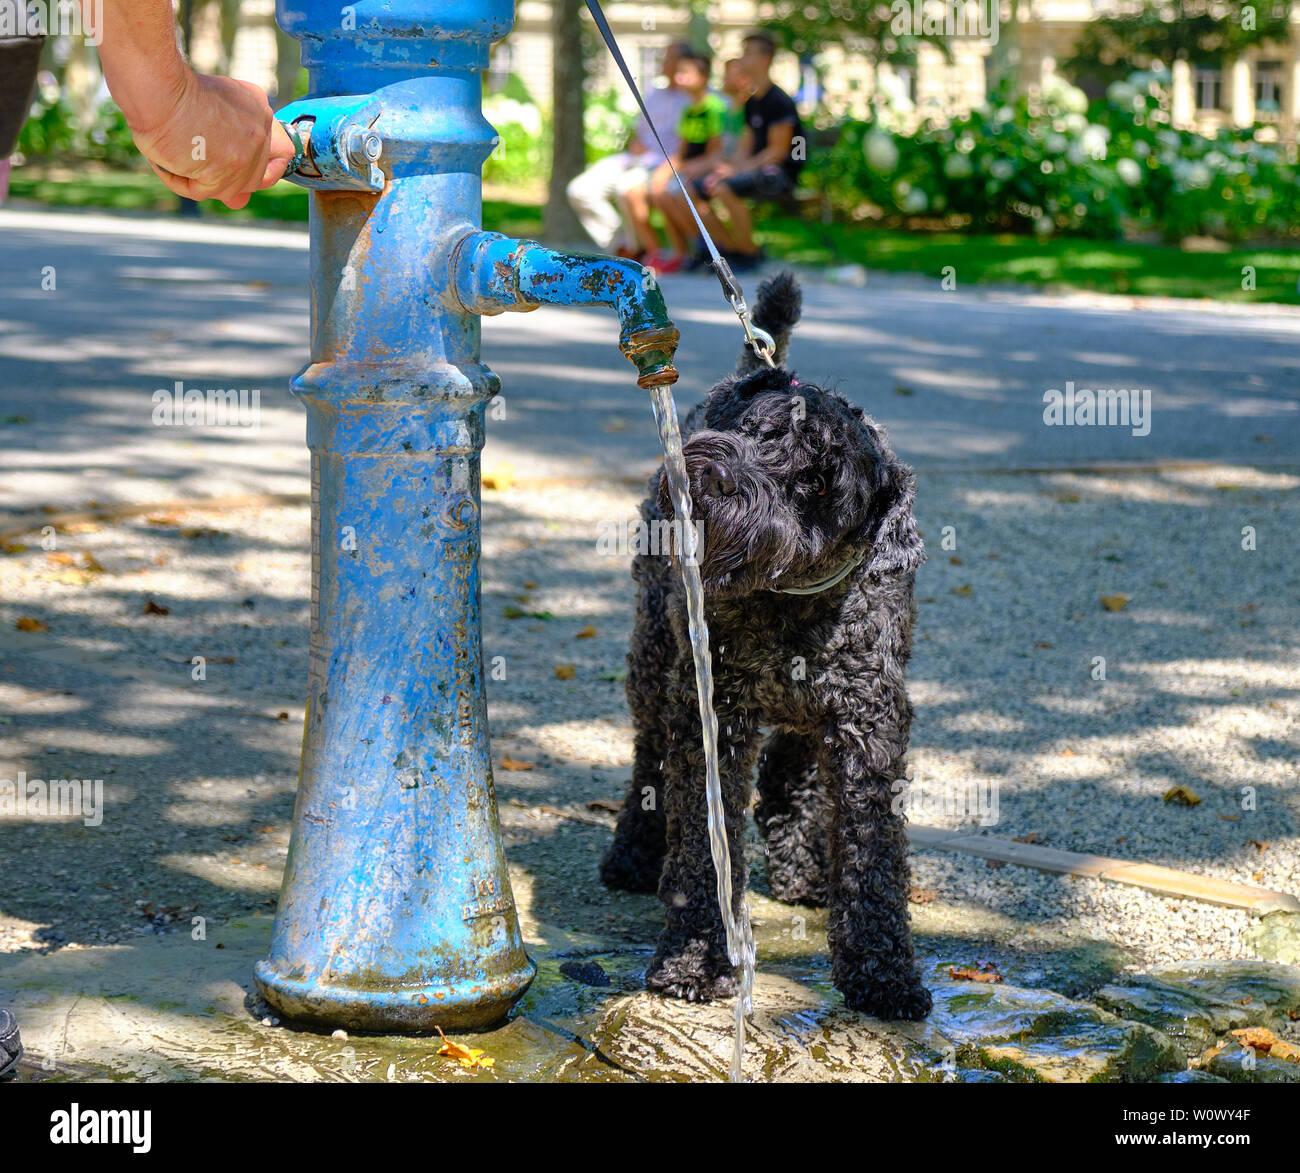 Chien Noir buvant dans une fontaine publique dans un parc, afin d'hydrater pendant la vague de chaleur en Europe Banque D'Images